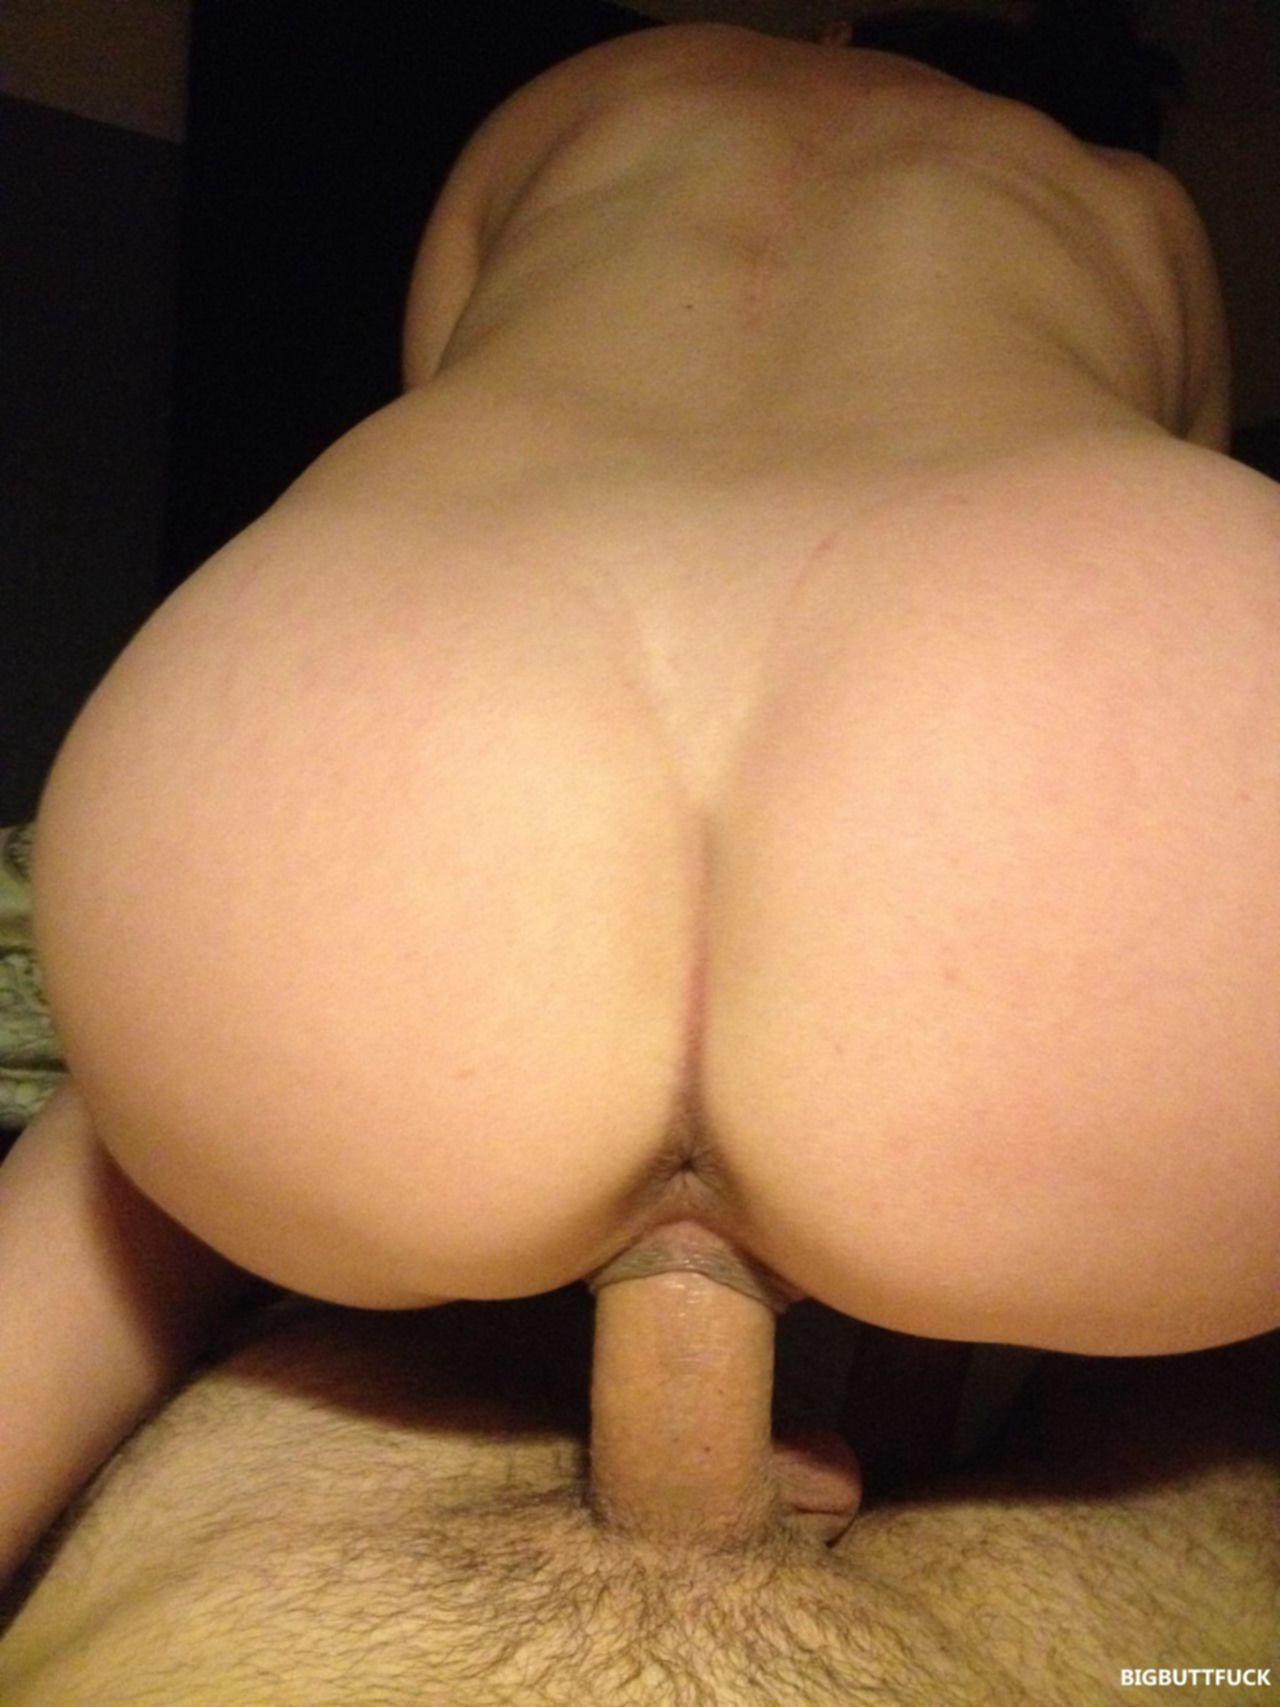 Домашнее порно фото девушки сверху